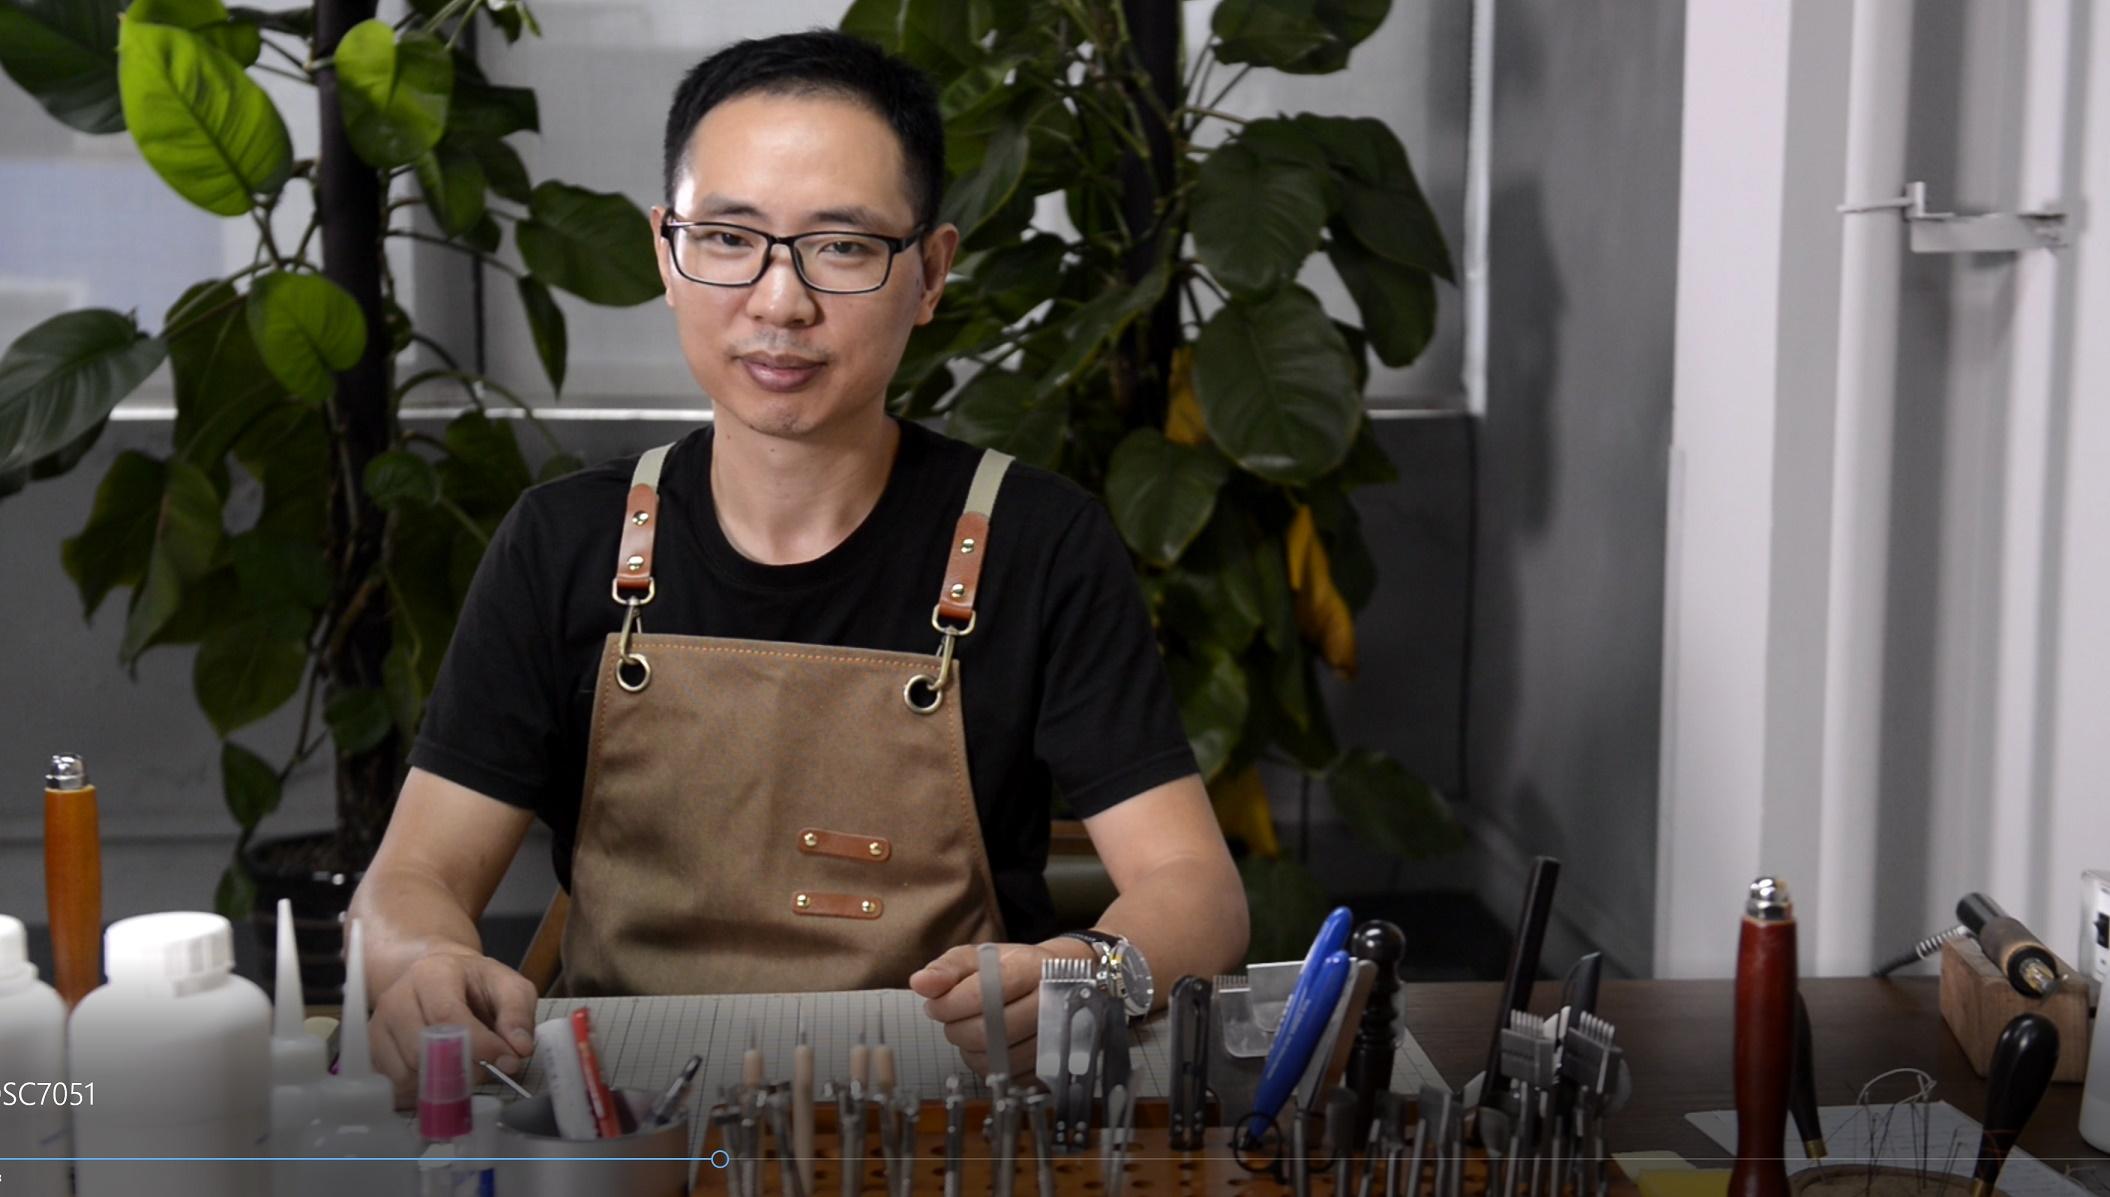 表带视频,广州产品视频拍摄制作,广州产品视频拍摄 ,广州专业产品 摄影公司